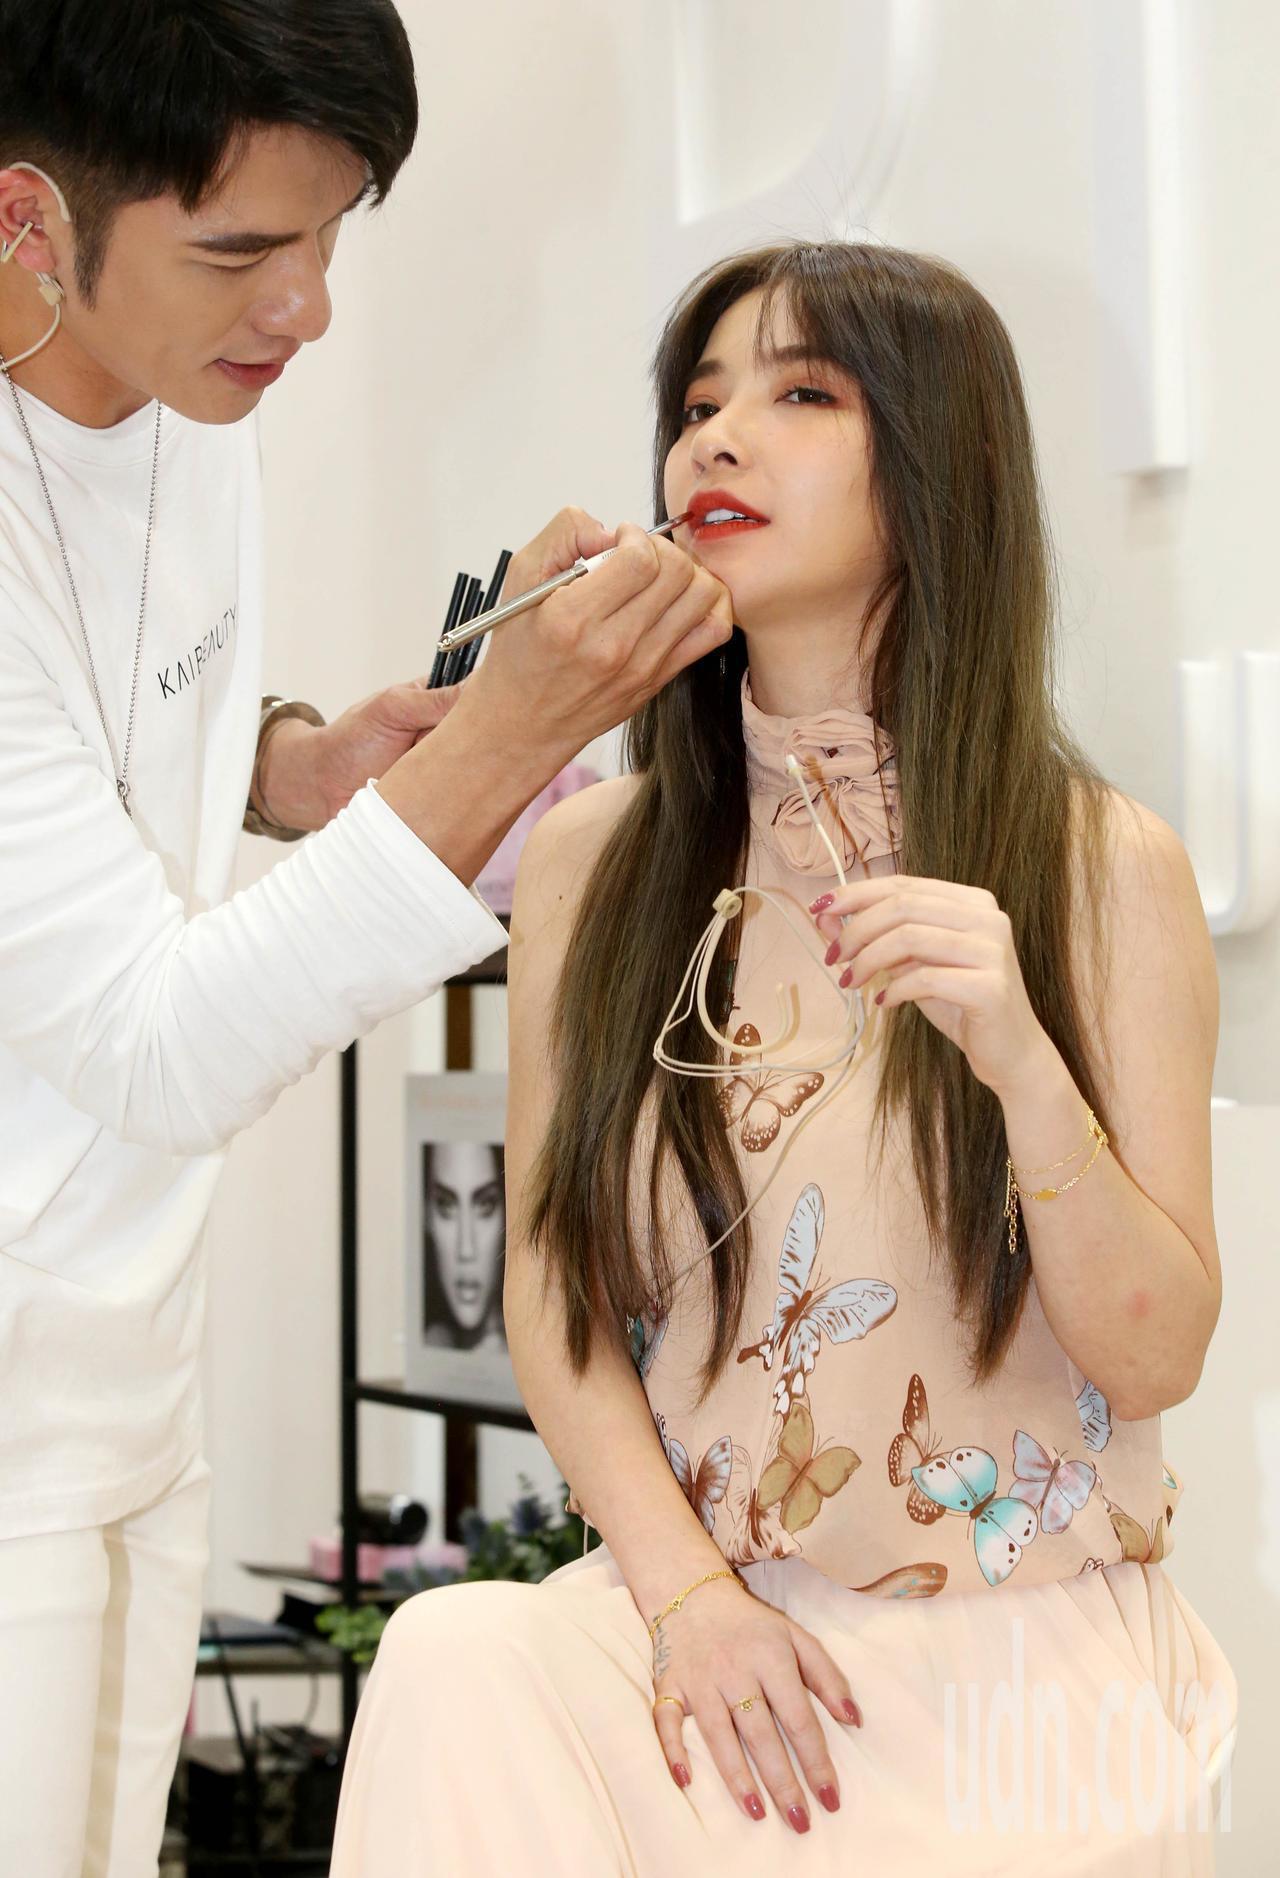 藝人許維恩、小凱老師國際美容化妝品展中,現場彩妝表演。記者林俊良/攝影